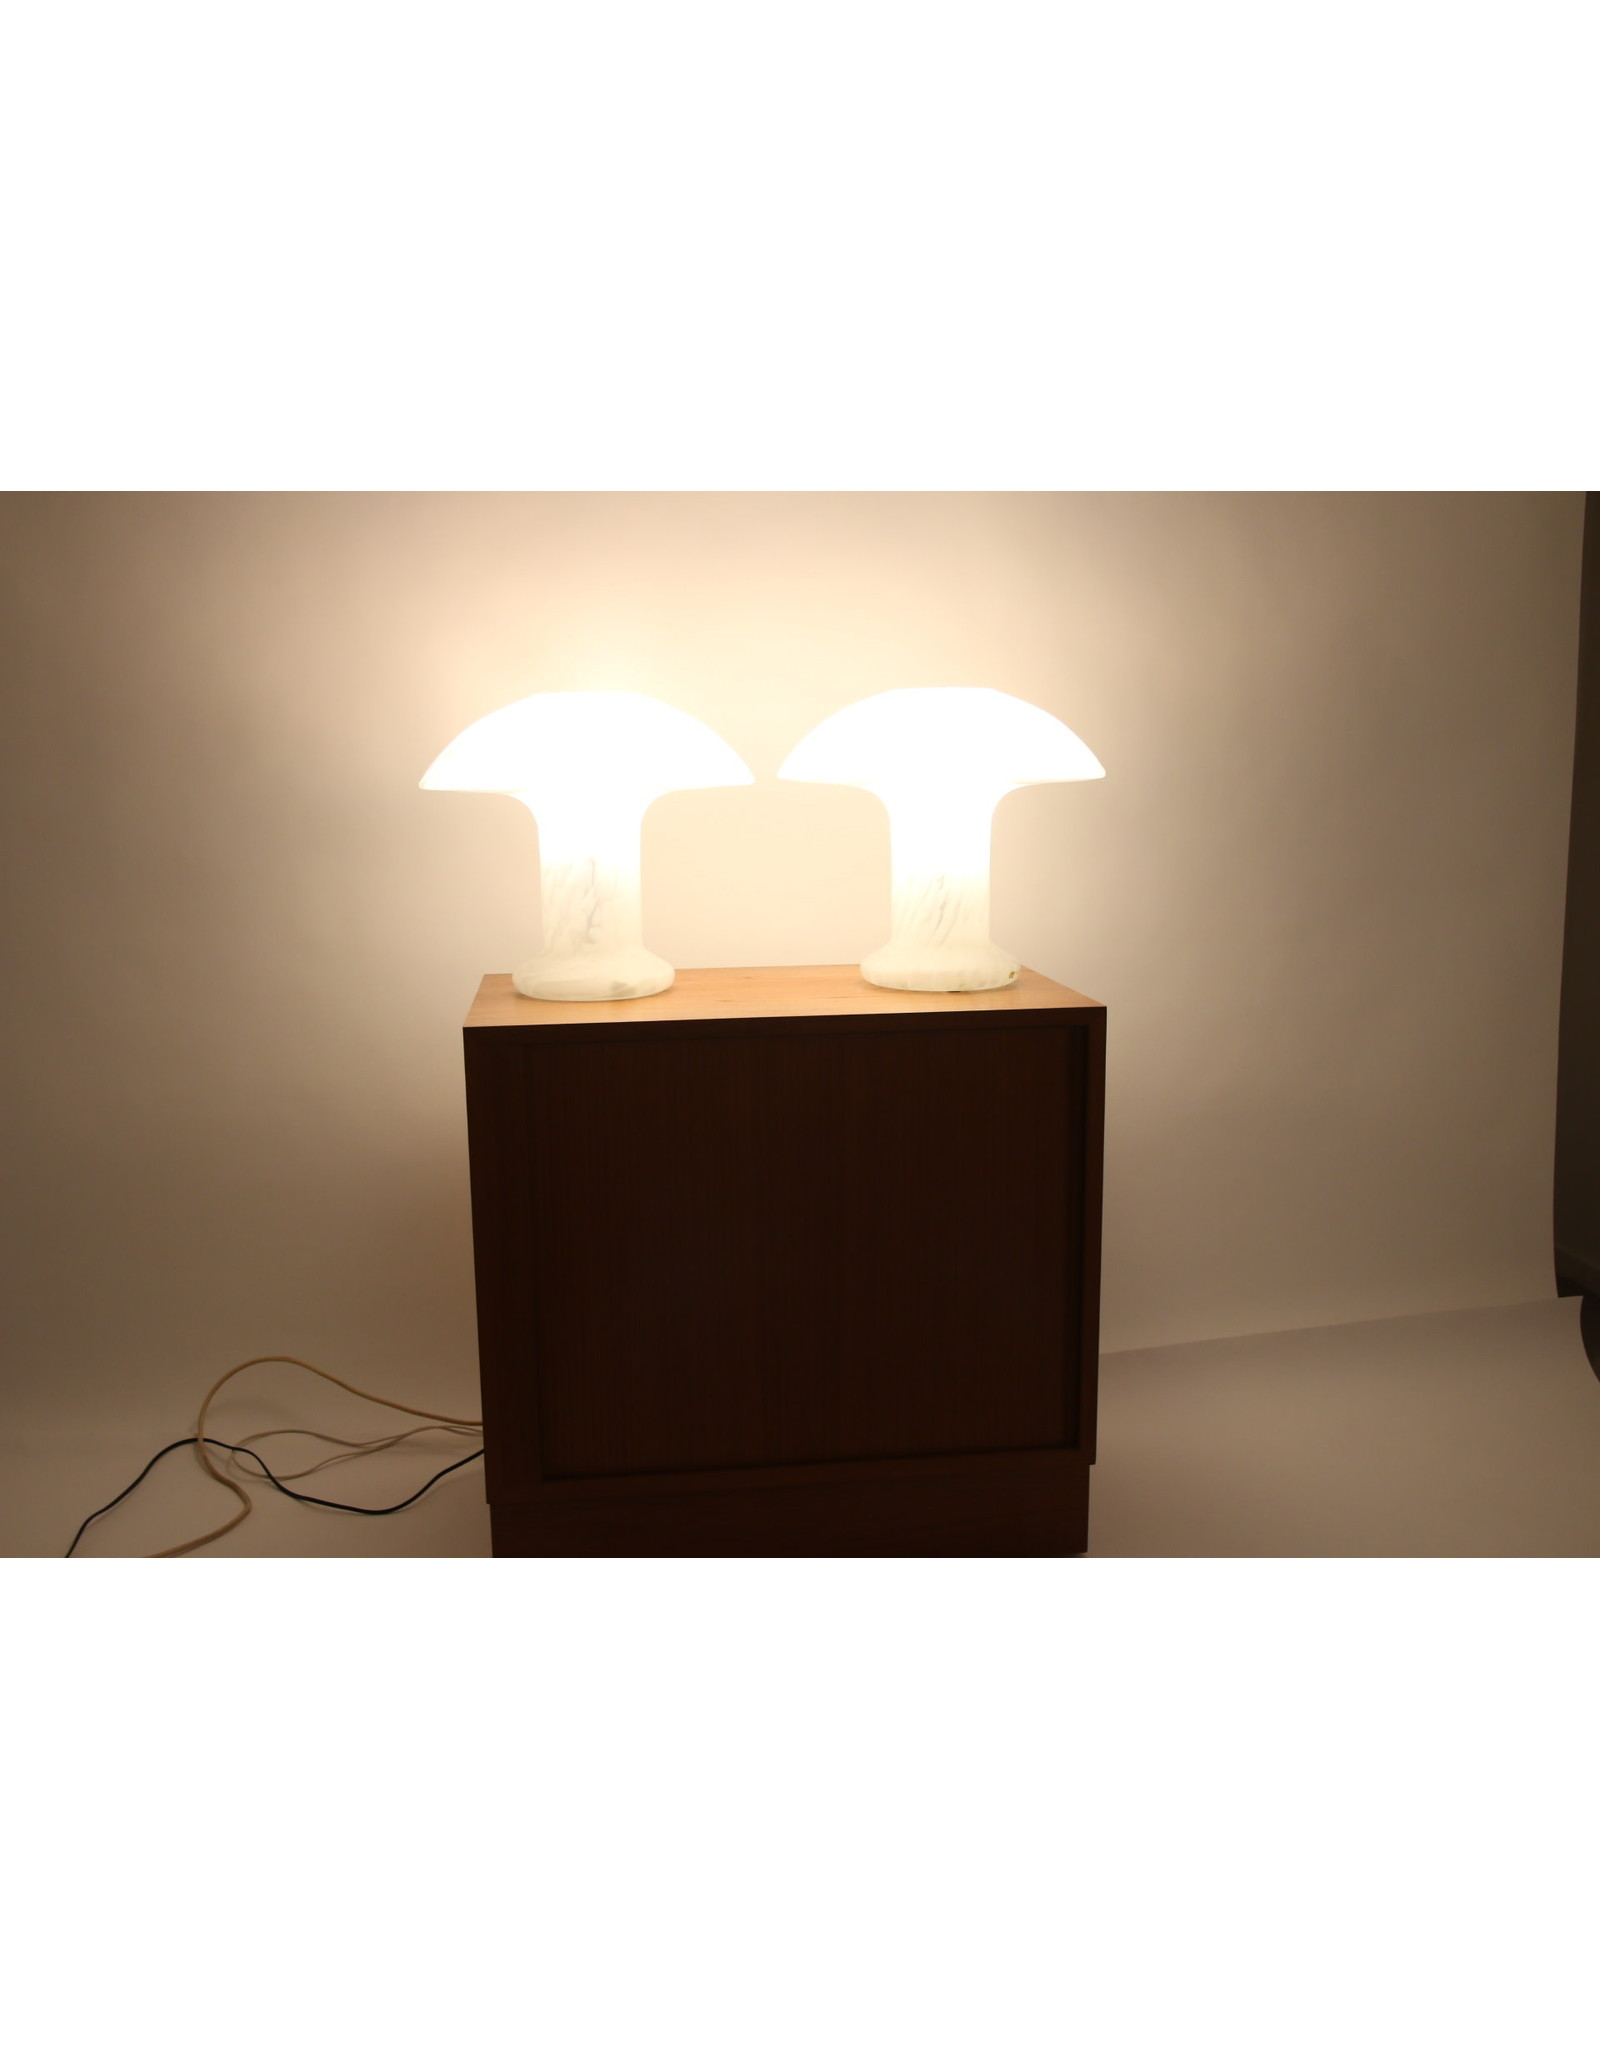 2 Peil und putzler mushroom Lamps